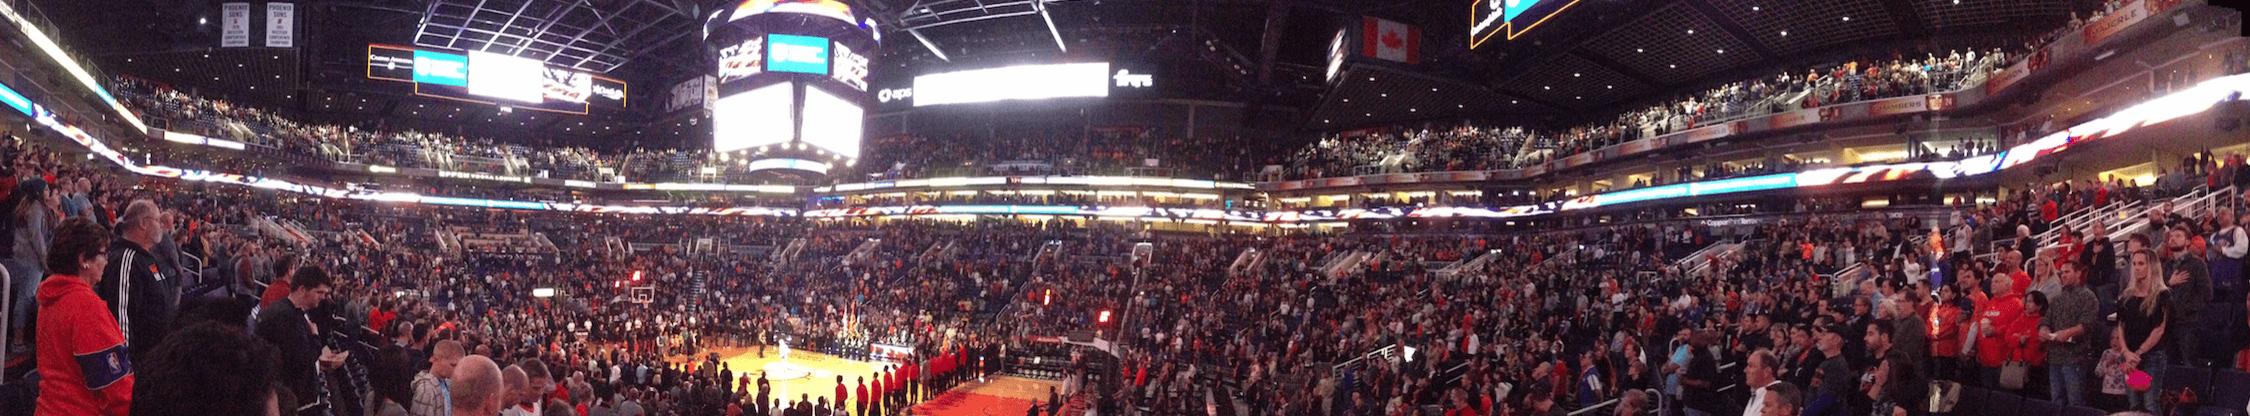 Phoenix_NBA